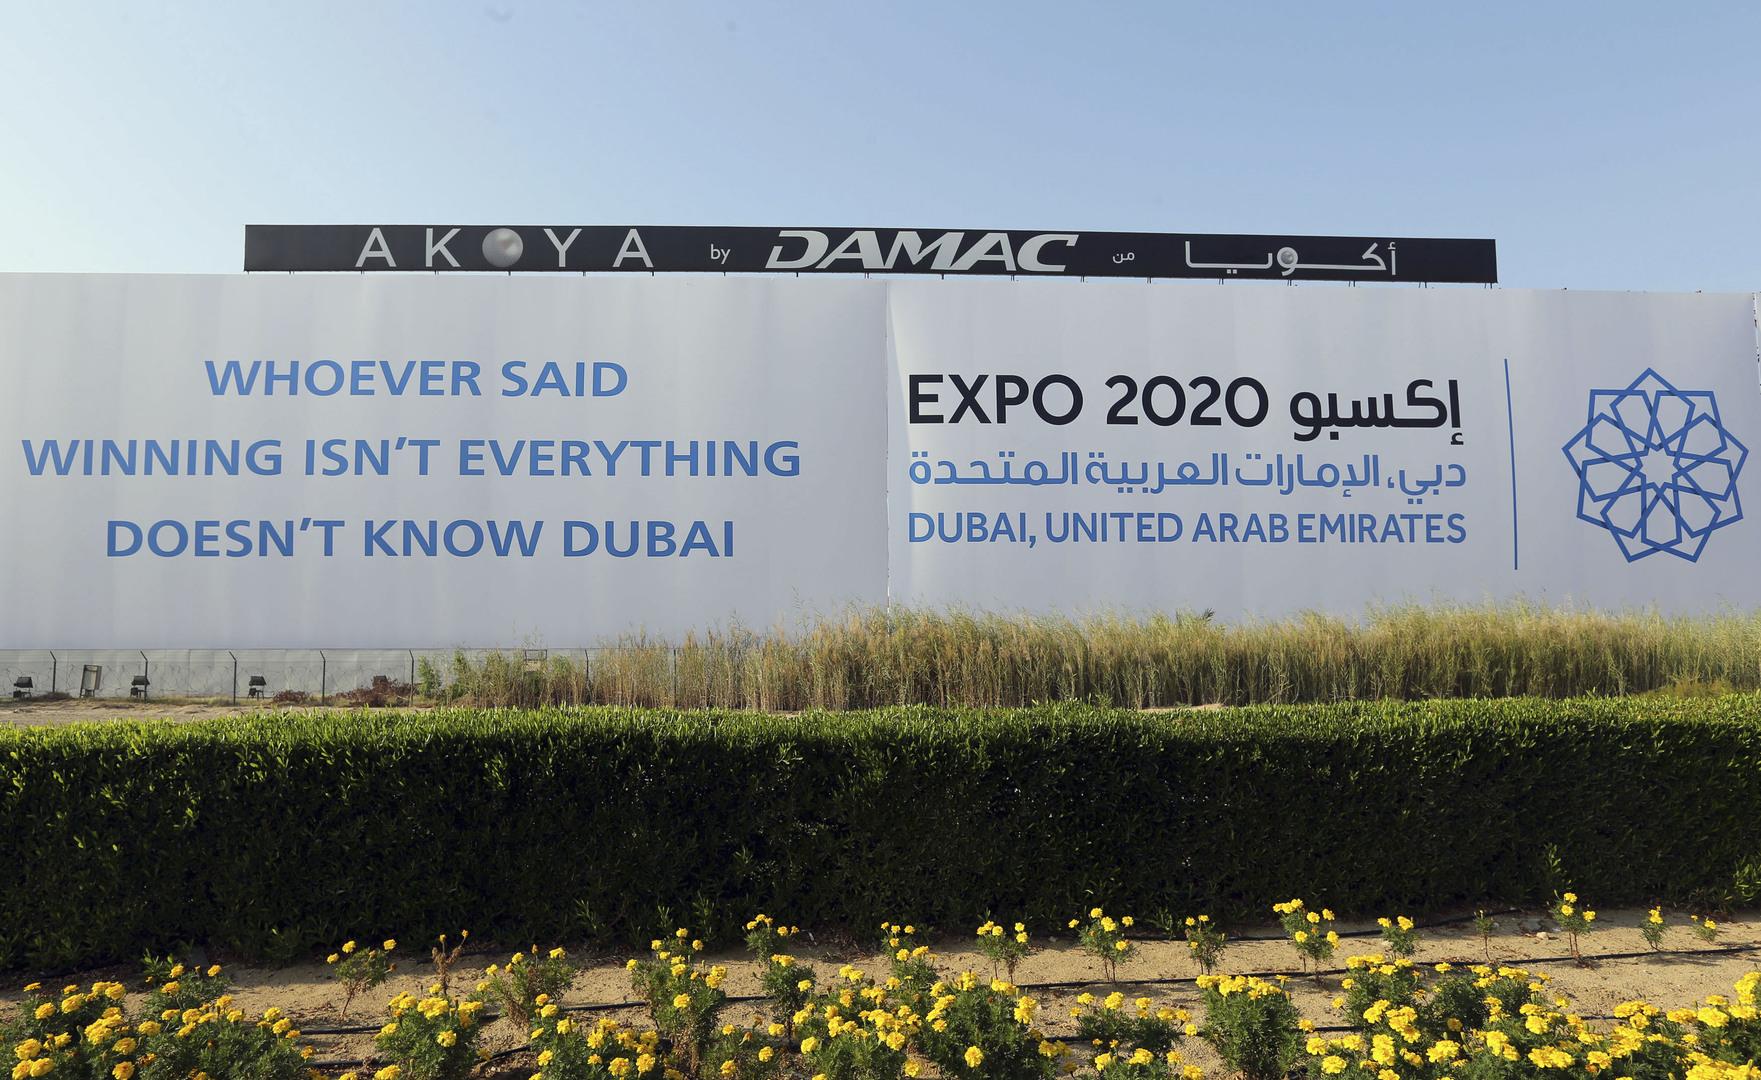 لوحة إعلانات عن معرض إكسبو الدولي 2020 في دبي